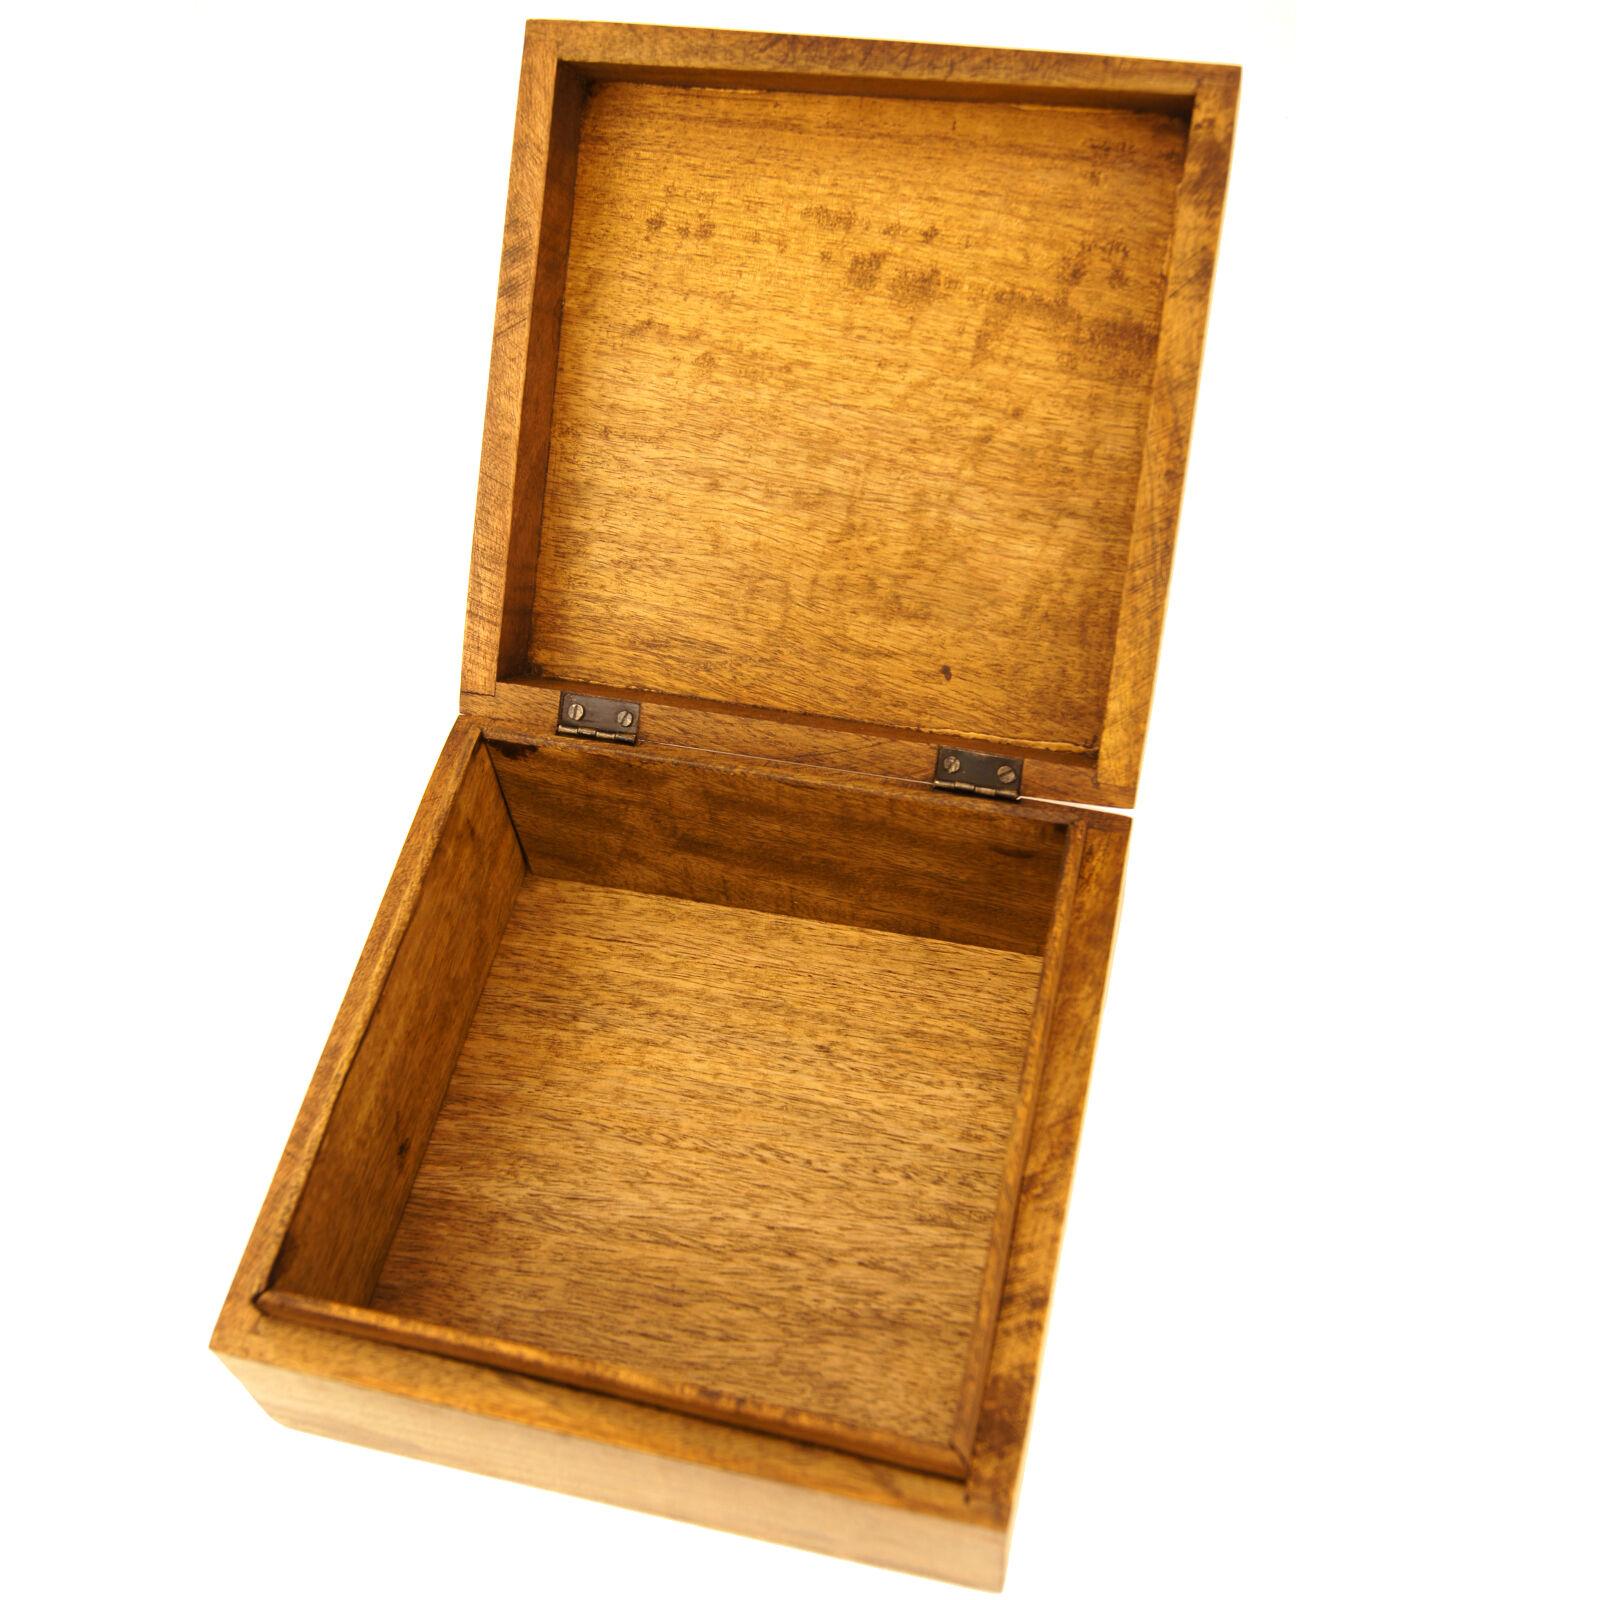 Photo en Bois Grand Funéraire Crémation cendres Urne HuFemme cendres Crémation bois Femmeguier Crémation Box c31125